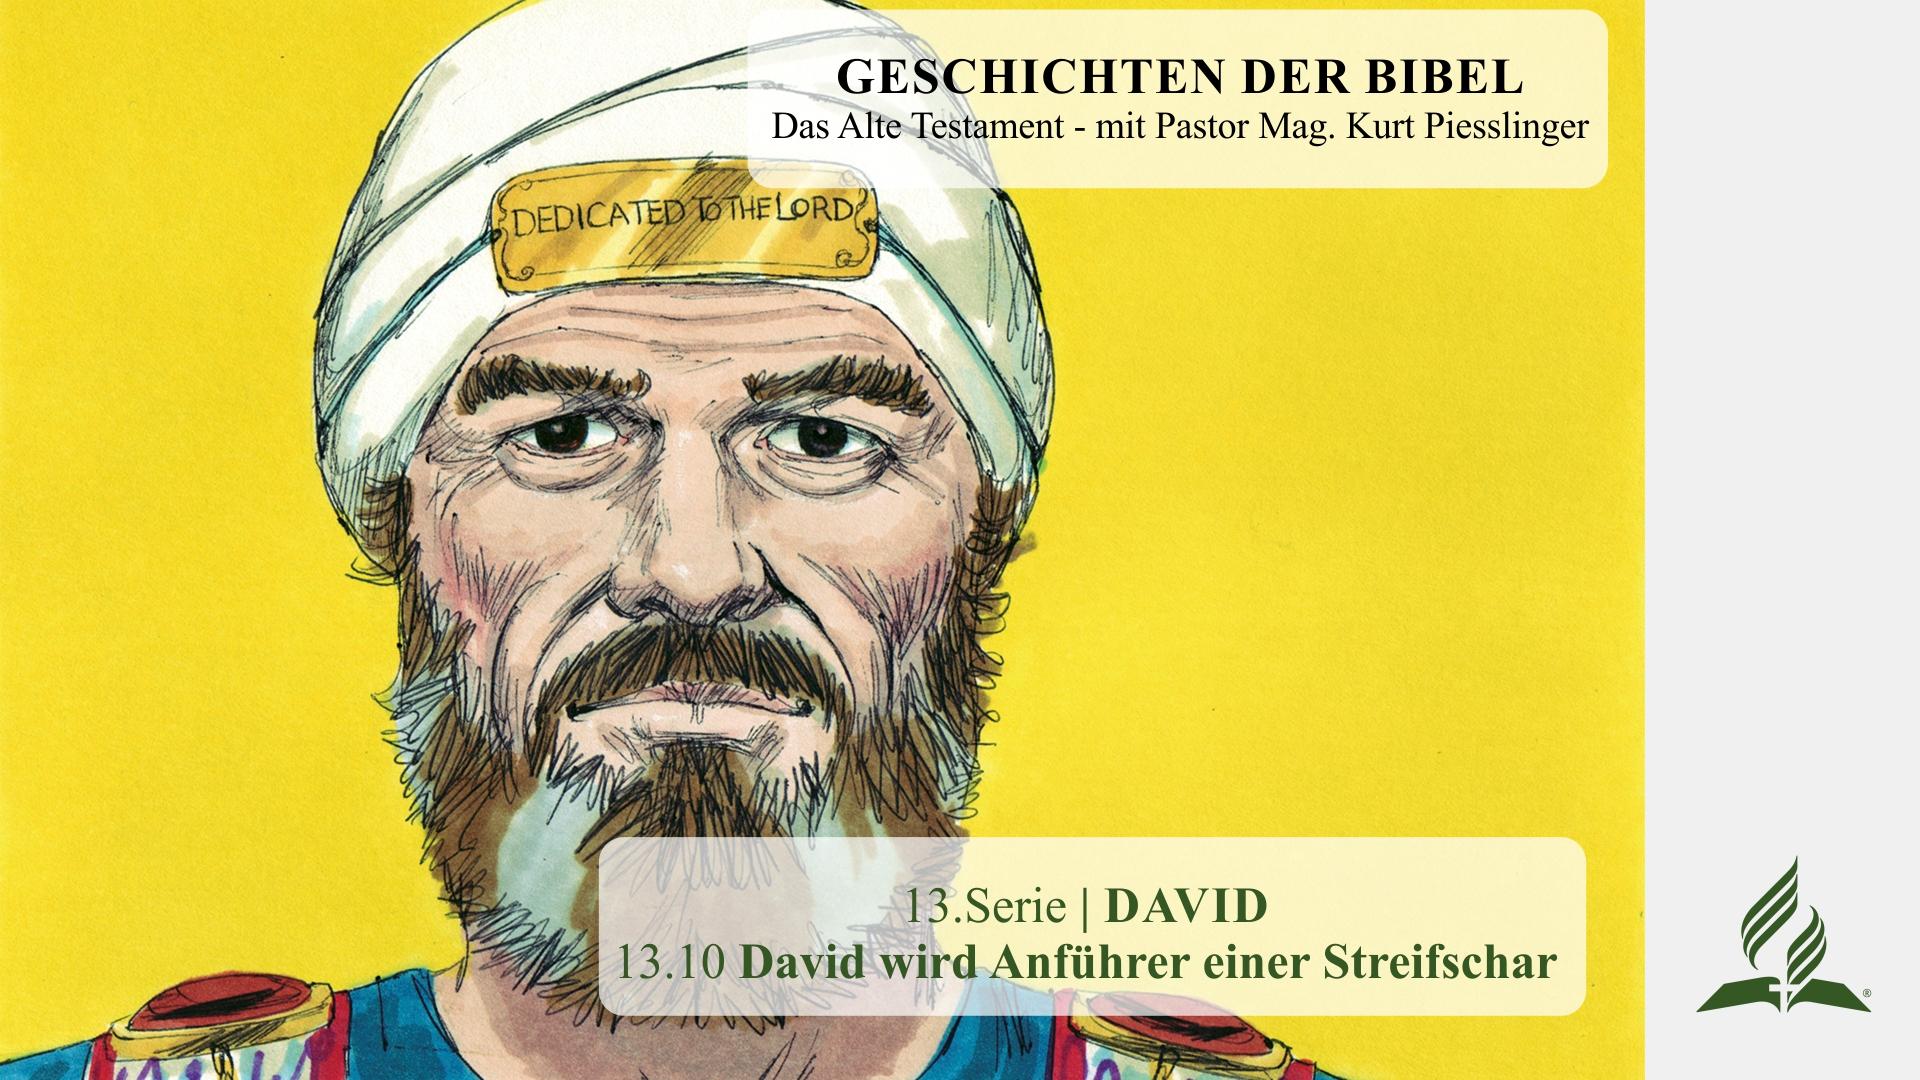 13.10 David wird Anführer einer Streifschar x